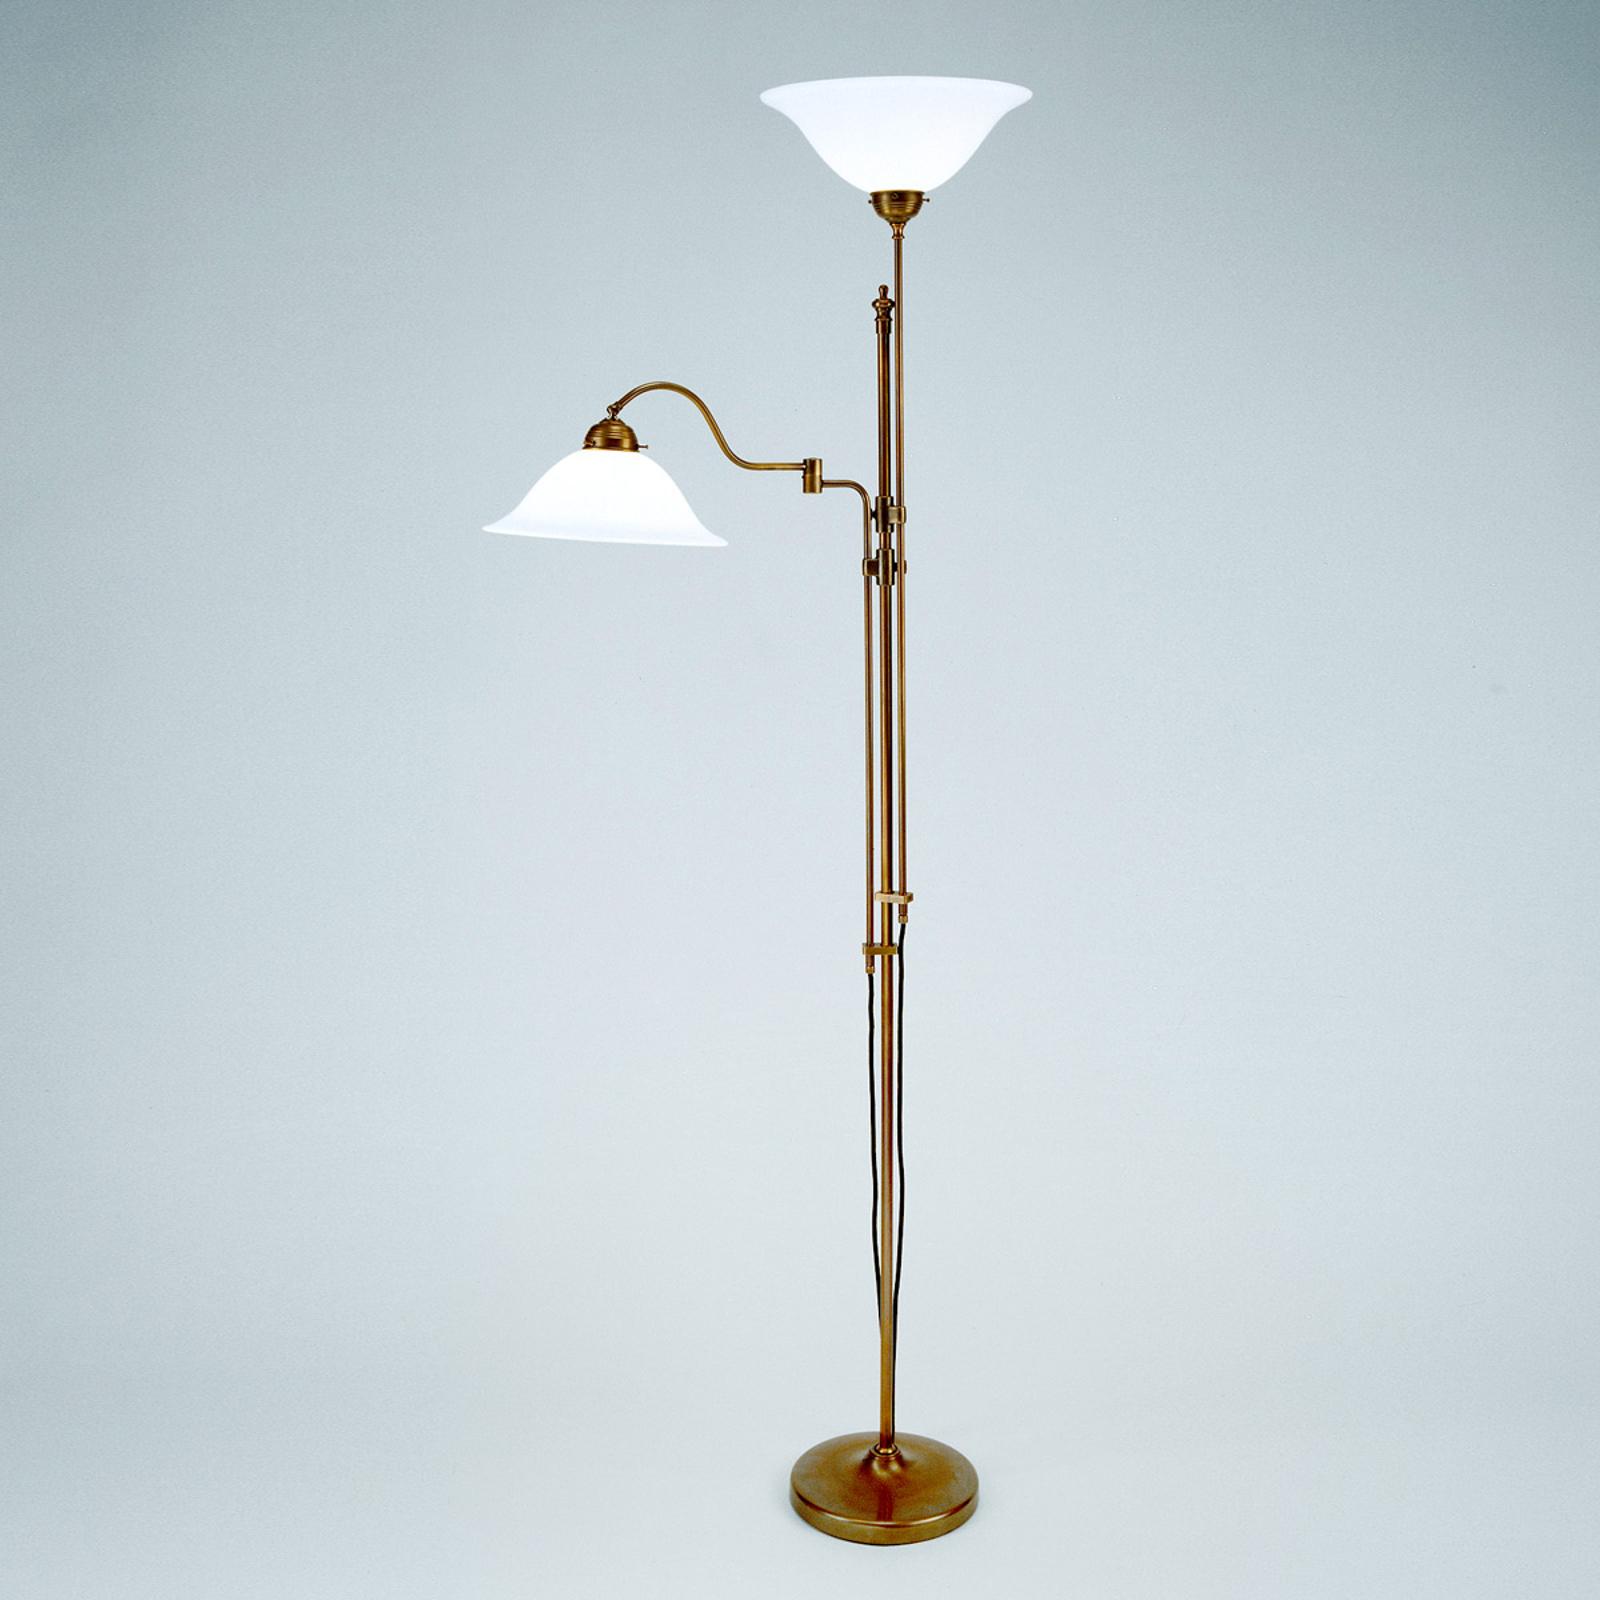 Lampada da soffitto a due luci Gustav